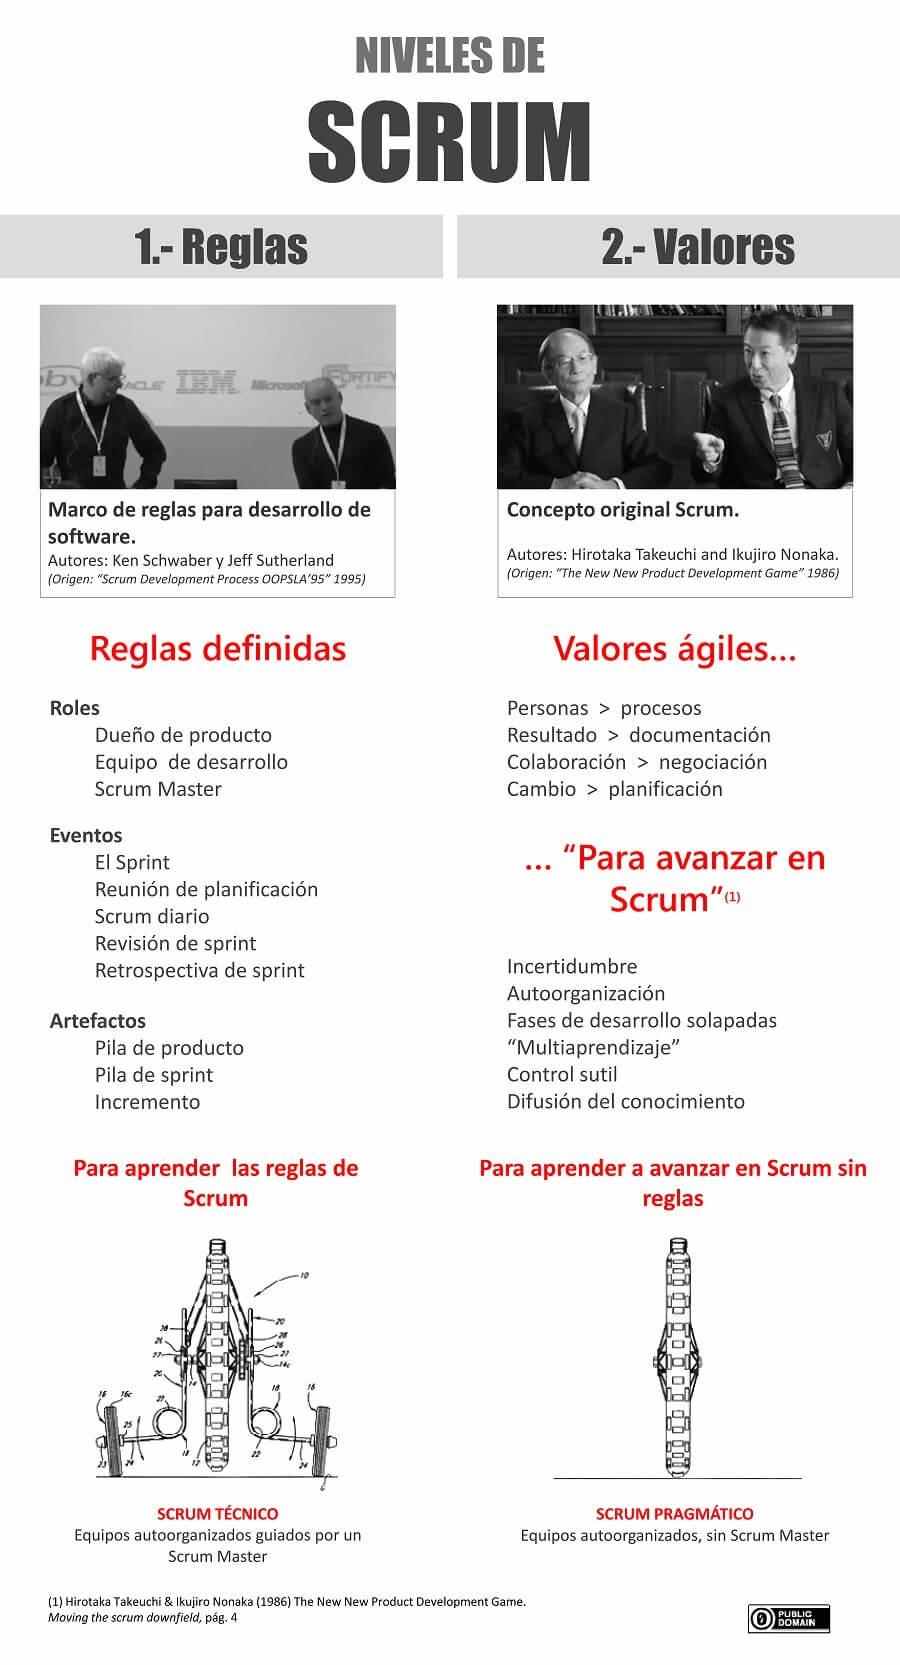 Infografia diferencias entre scrum técnico y avanzado